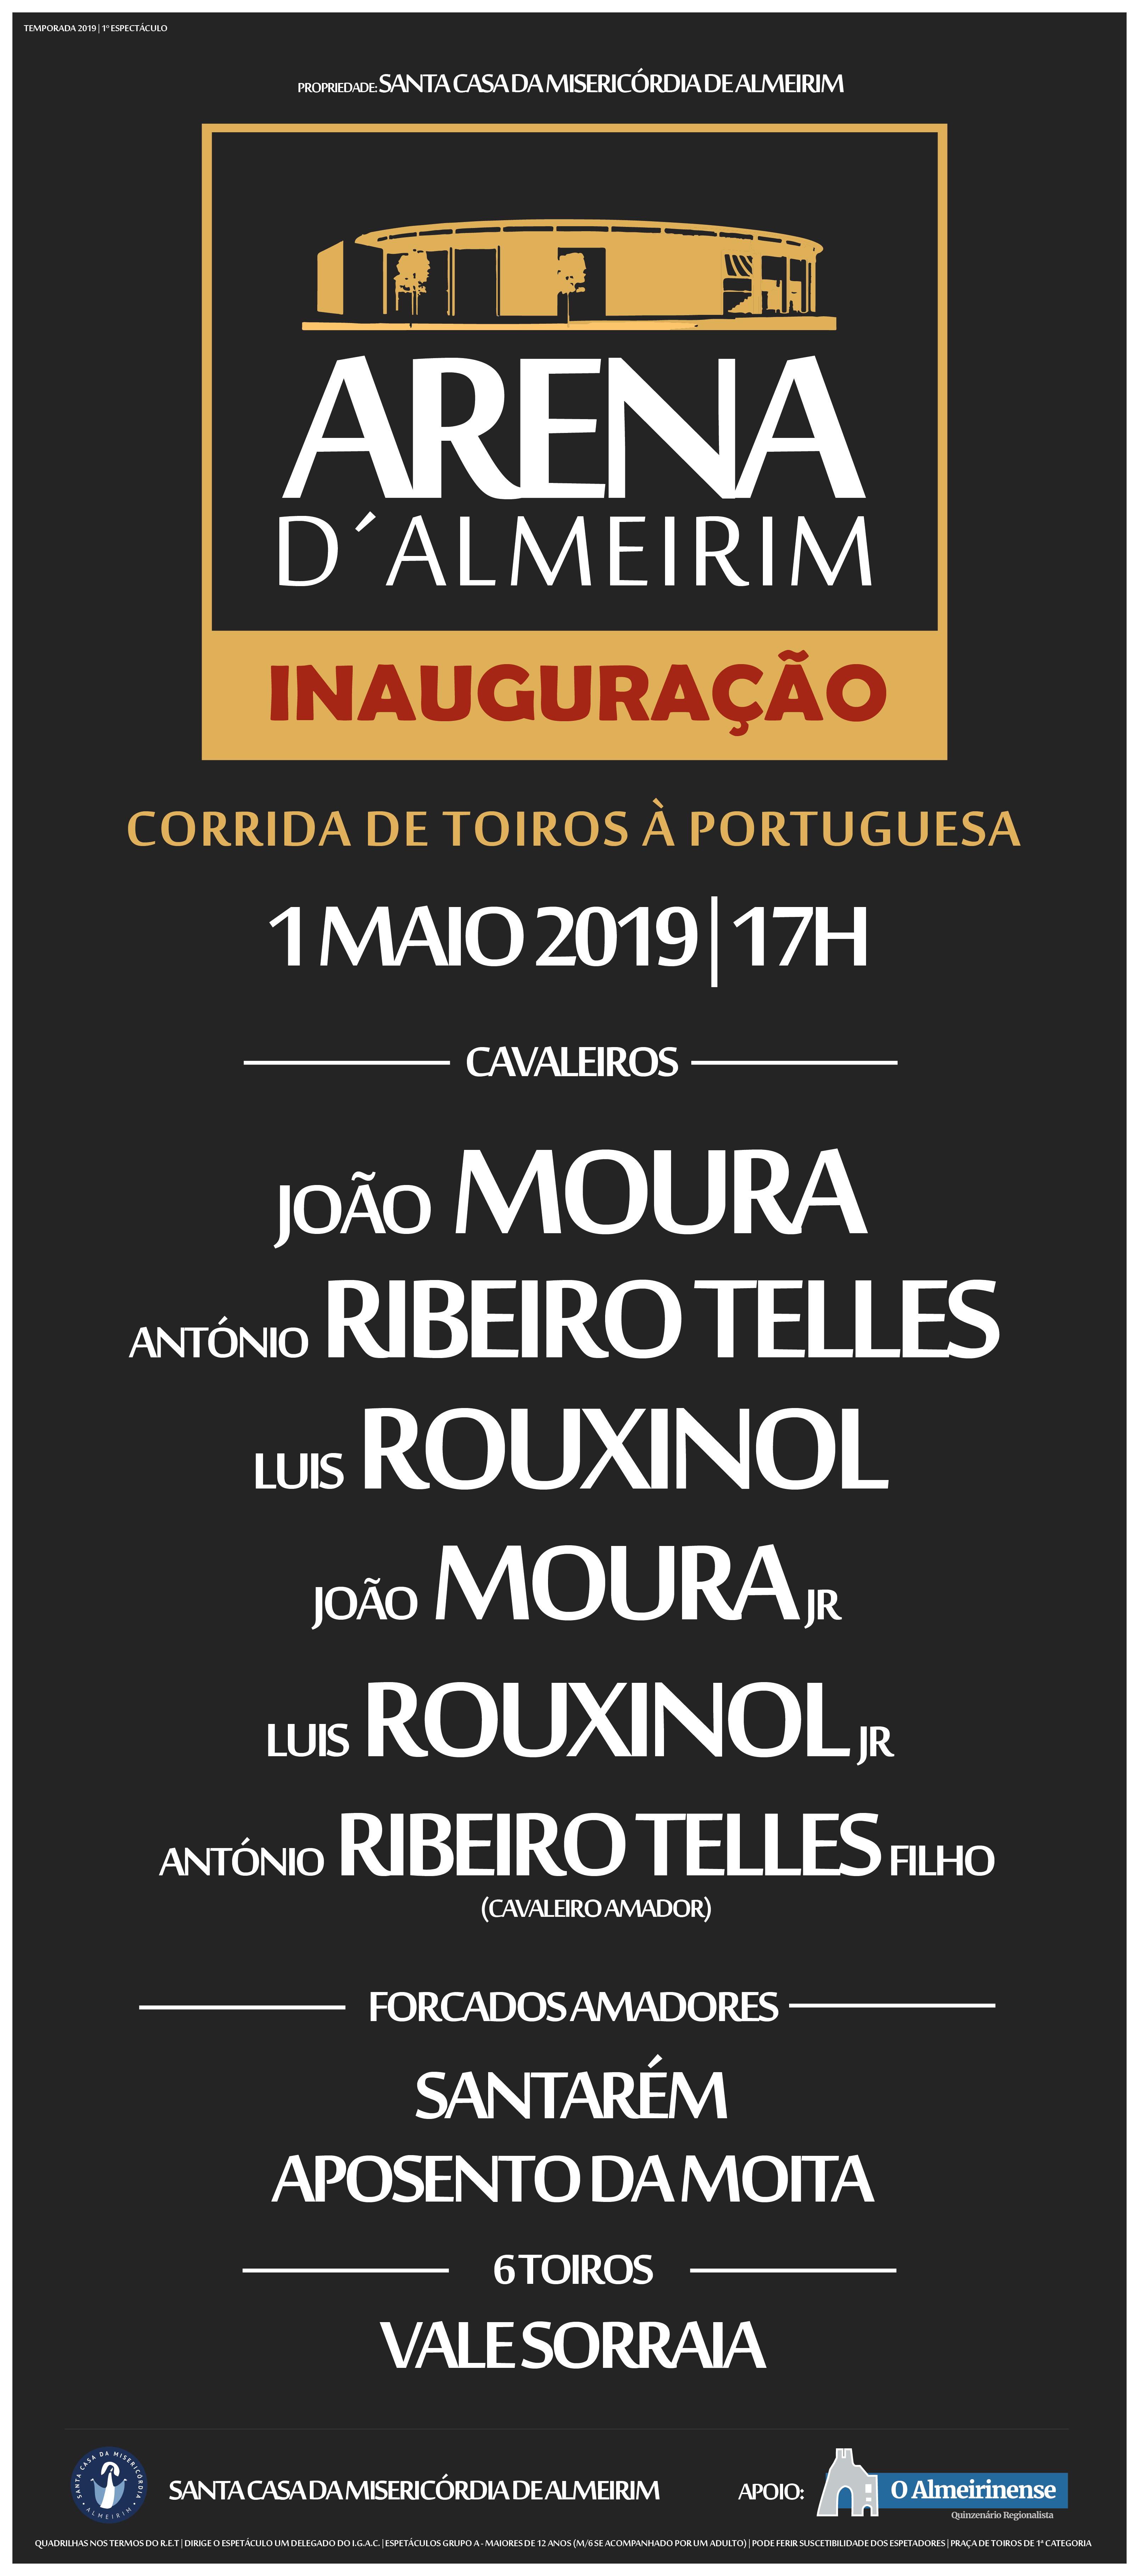 Cartel Corrida Inaugural de 1 de maio